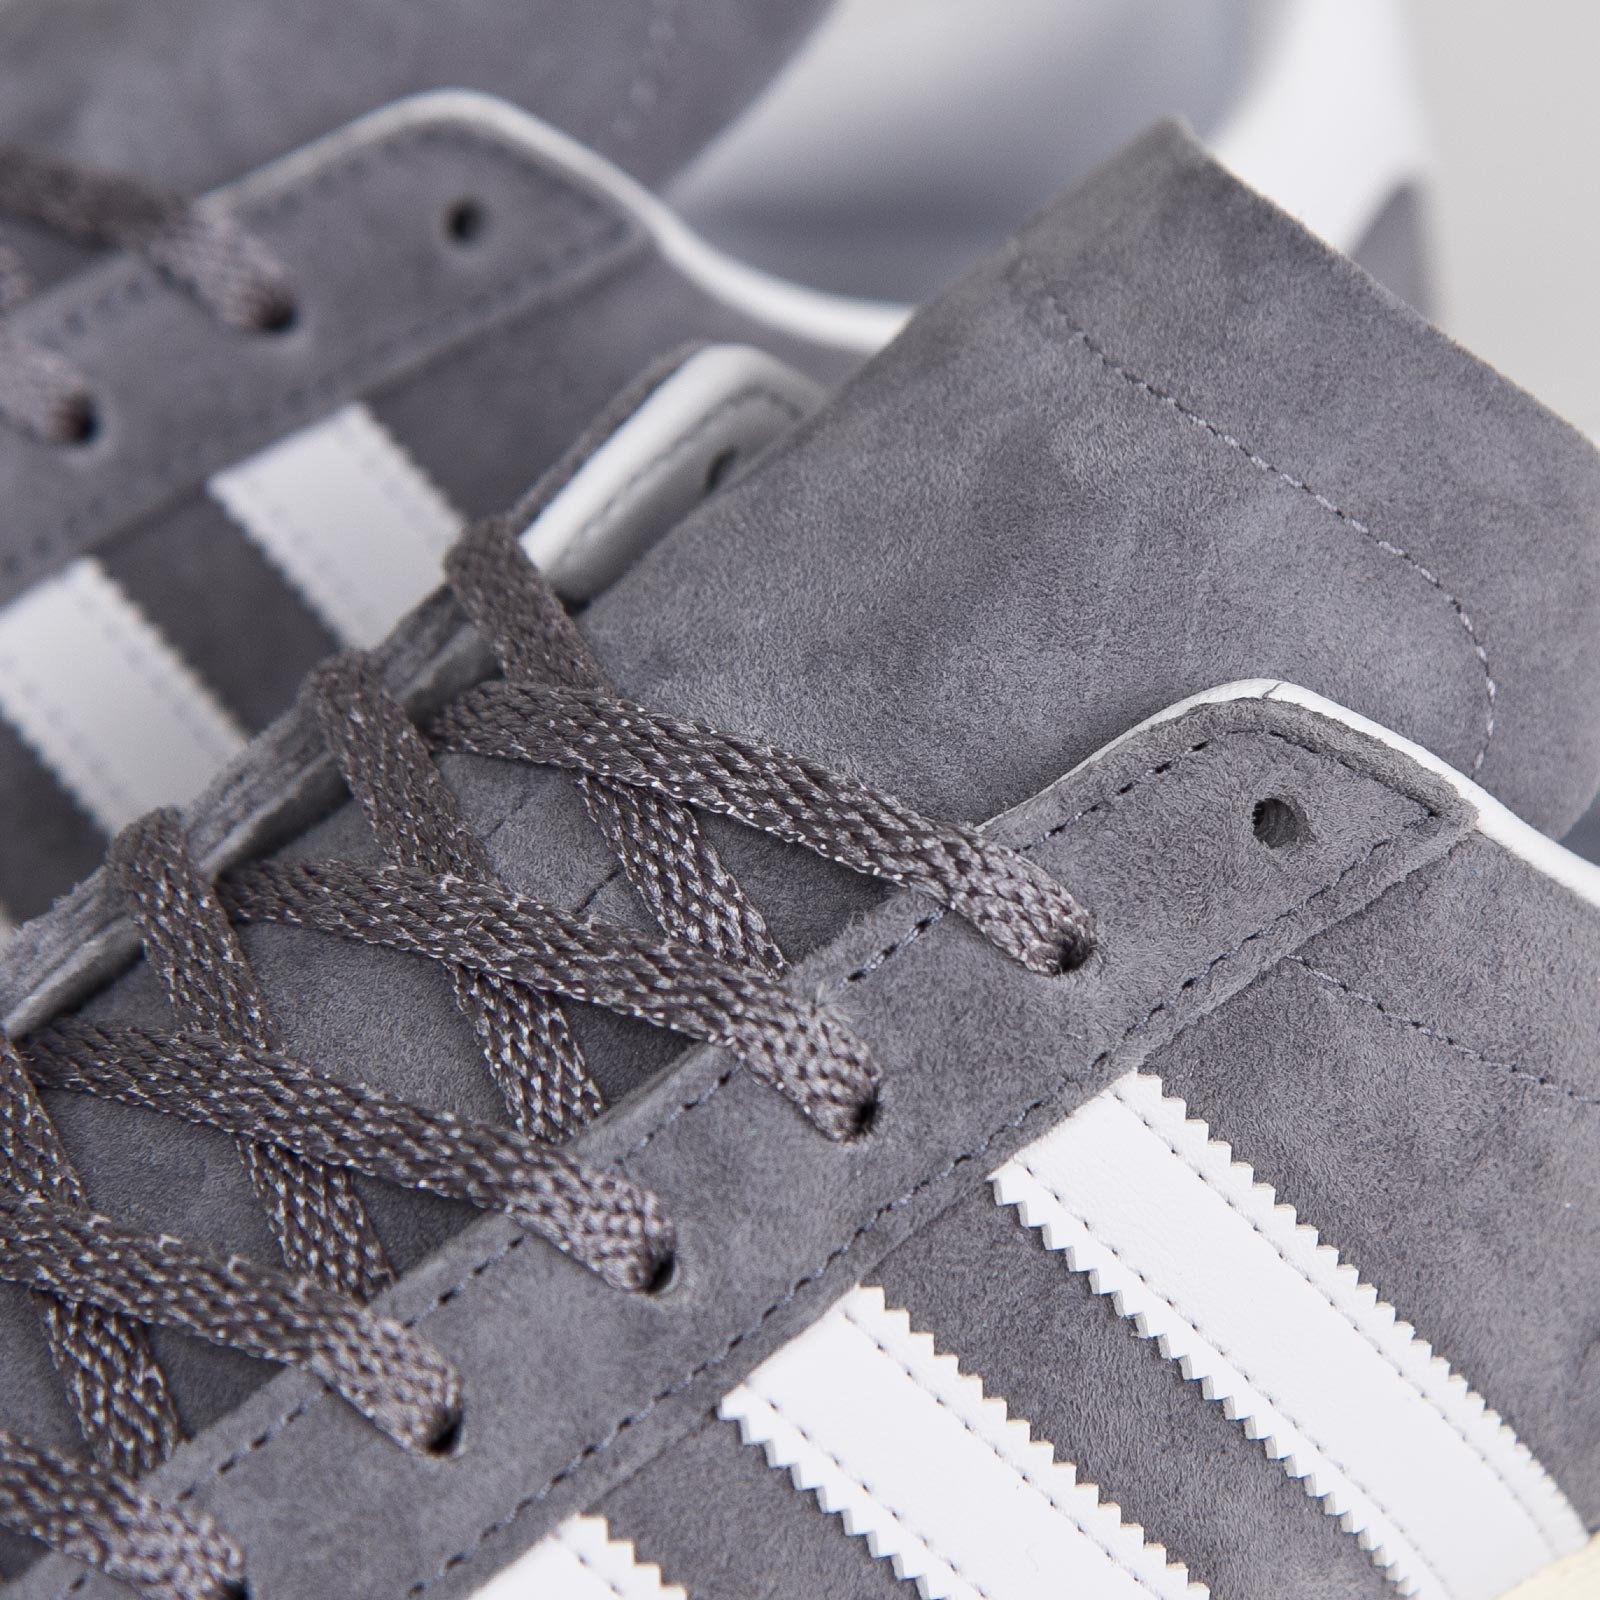 c7cf1de5efeed7 adidas Campus 80s Nigo - M19208 - Sneakersnstuff